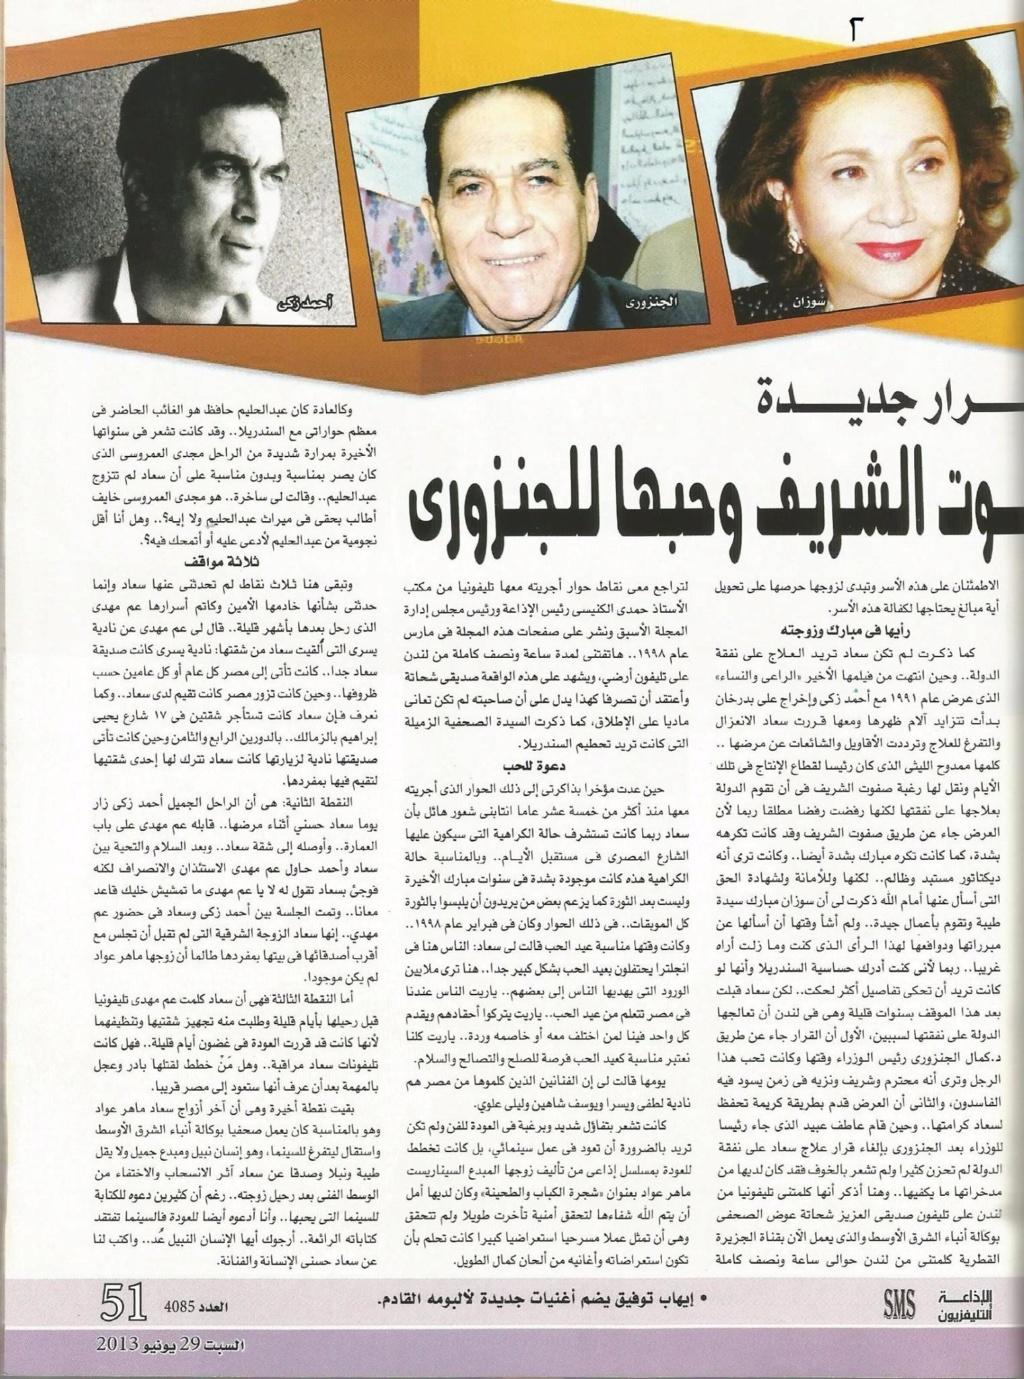 مقال - مقال صحفي : في ذكرى رحيل سعاد حسني .. أسرار جديدة 2013 م 2250